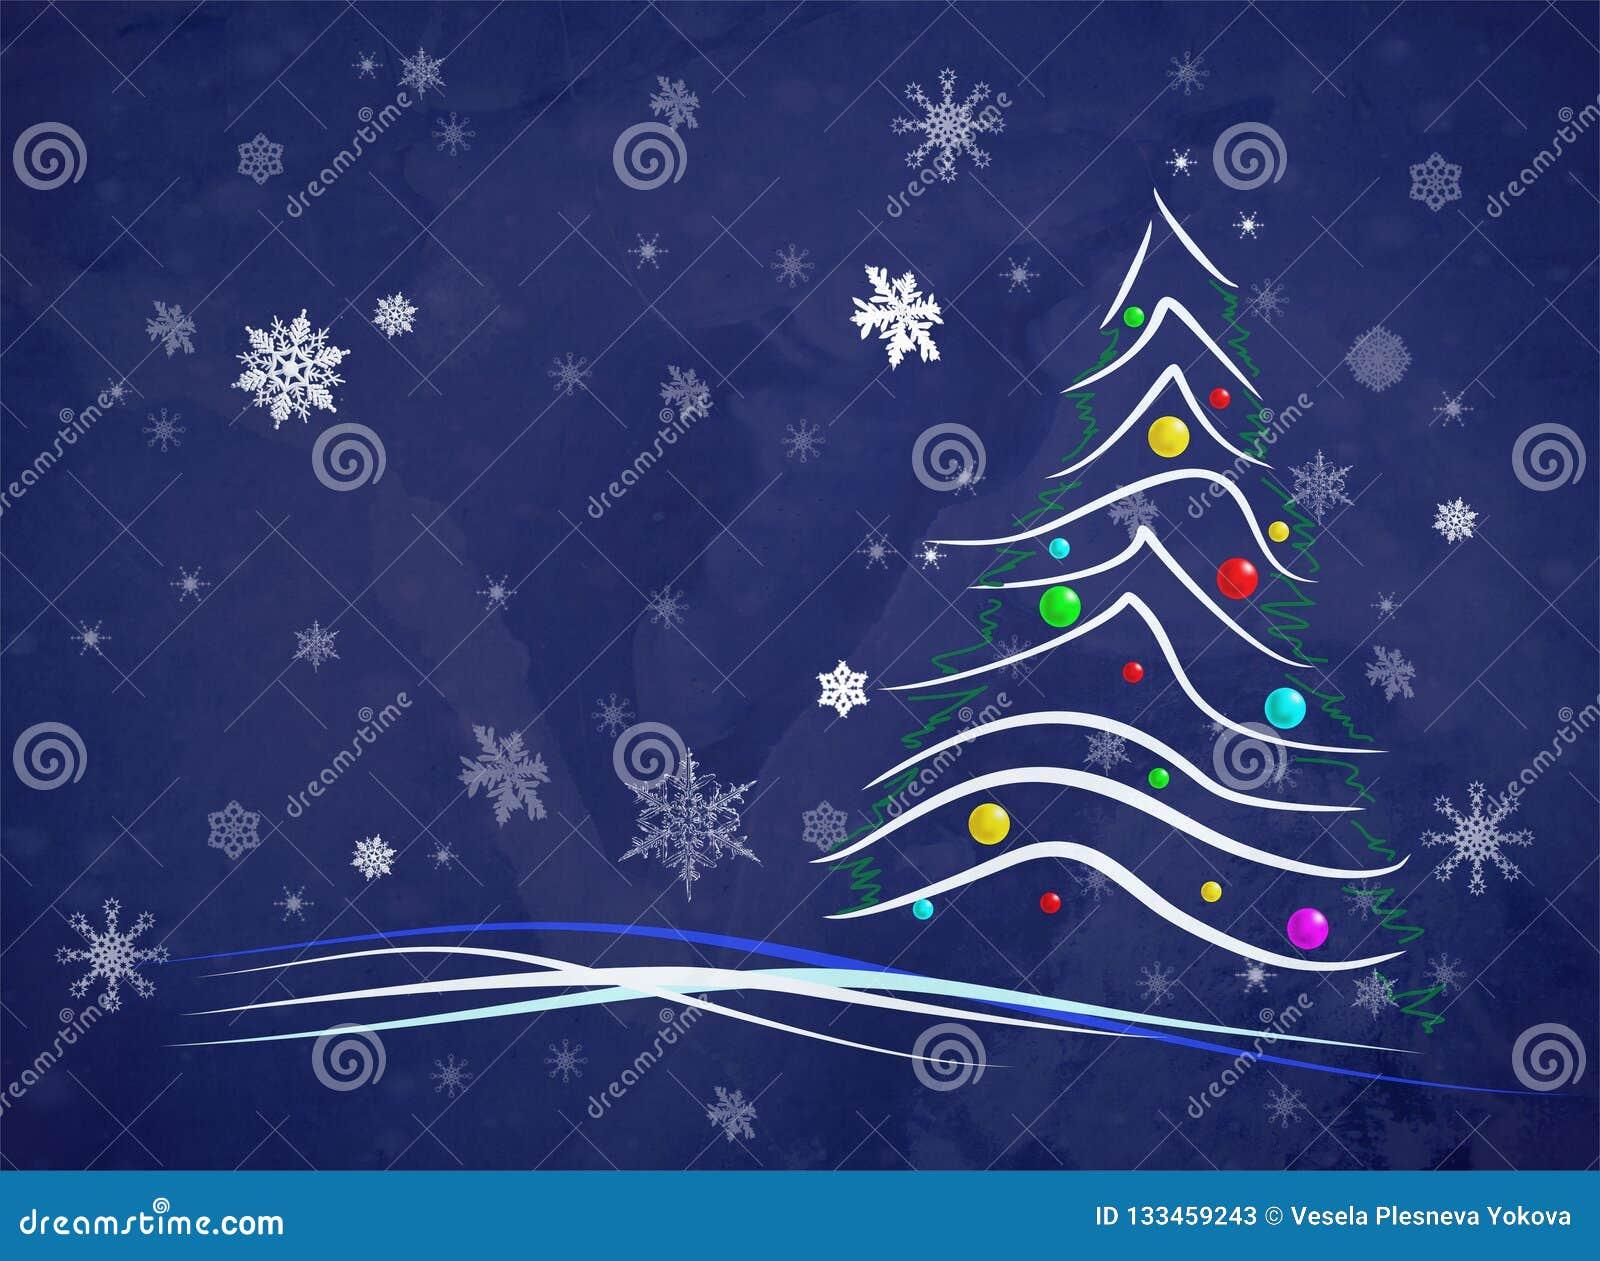 Albero Di Natale Stilizzato.Albero Di Natale Stilizzato Con I Fiocchi Di Neve Bianchi Illustrazione Vettoriale Illustrazione Di Allegro Anno 133459243